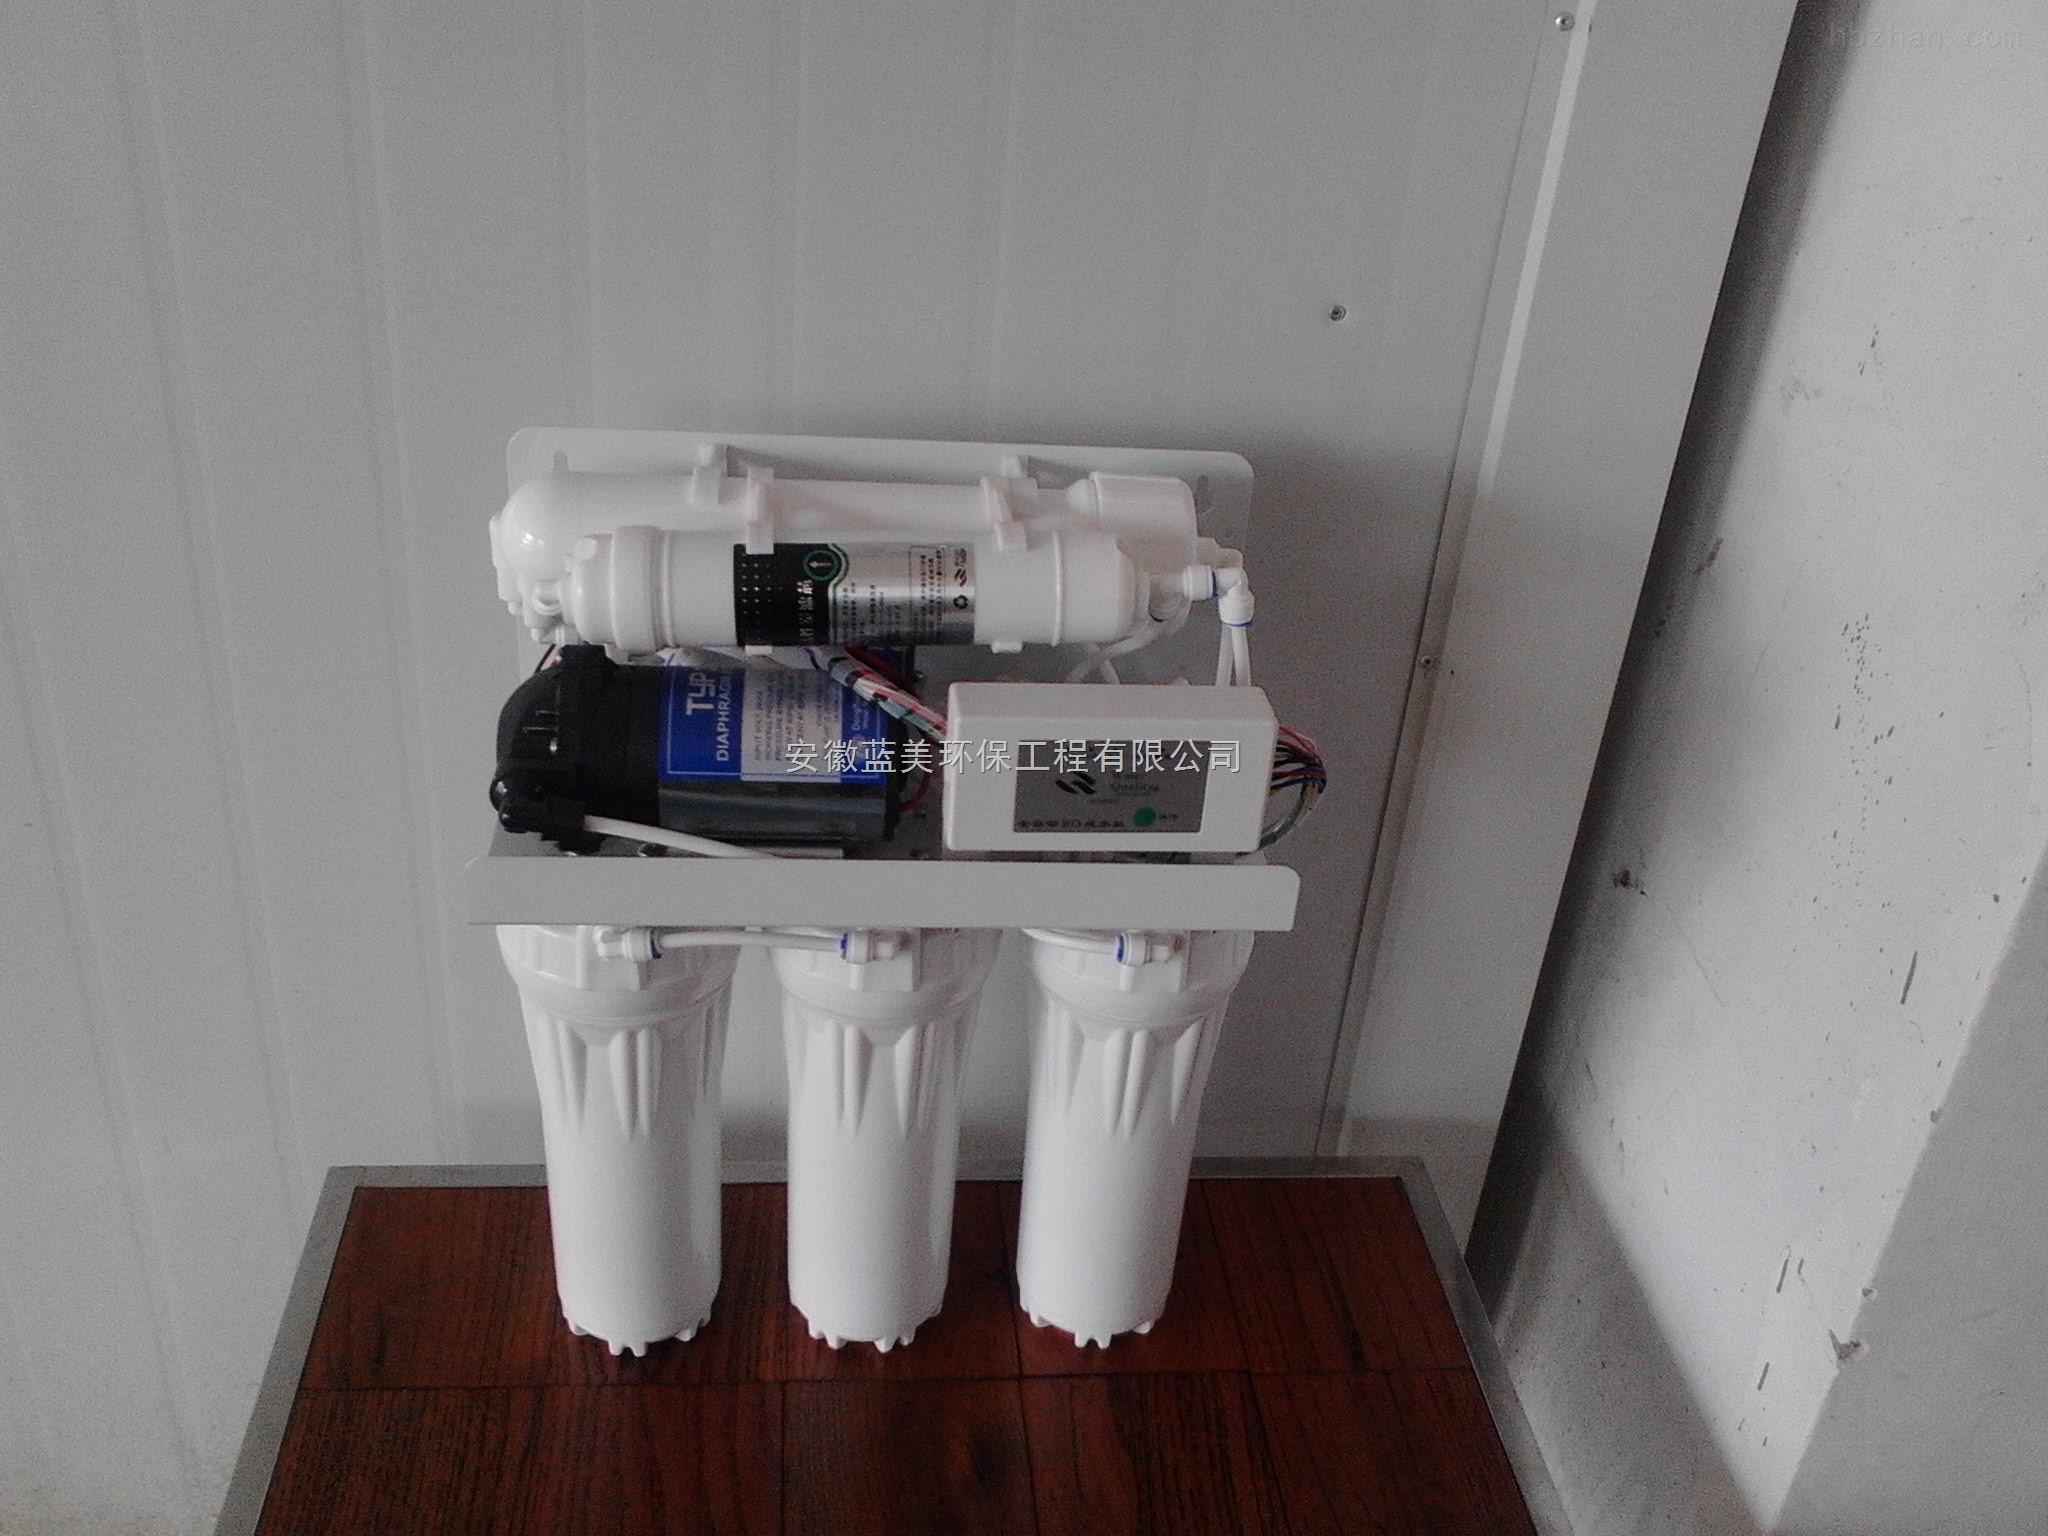 家用净水器-供求商机-安徽蓝美环保工程有限公司